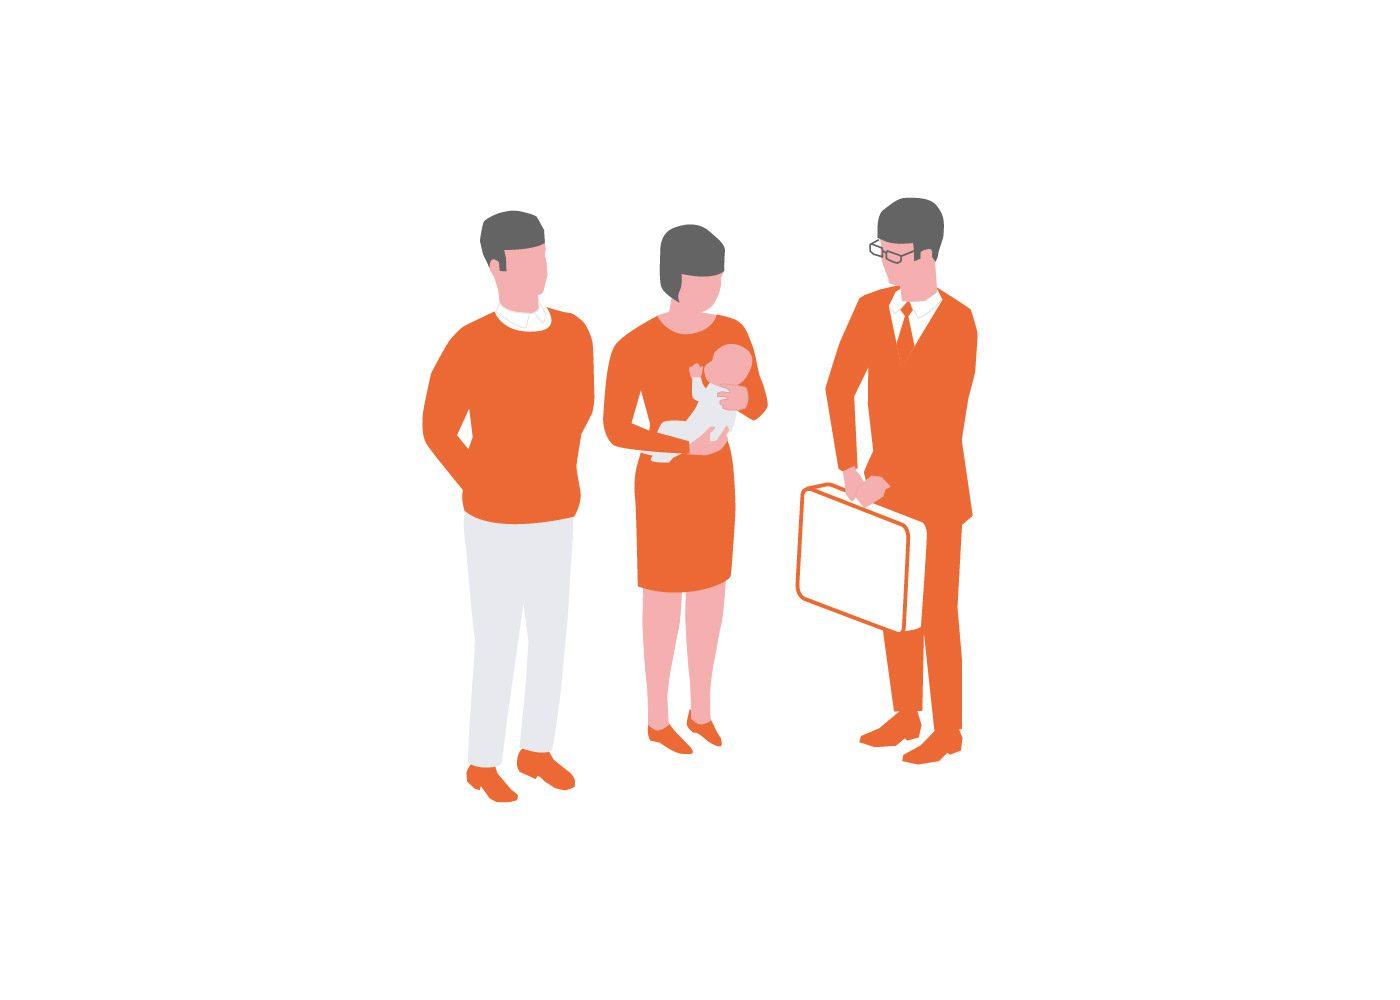 八戸東和薬品のコミュニケーションの定義について